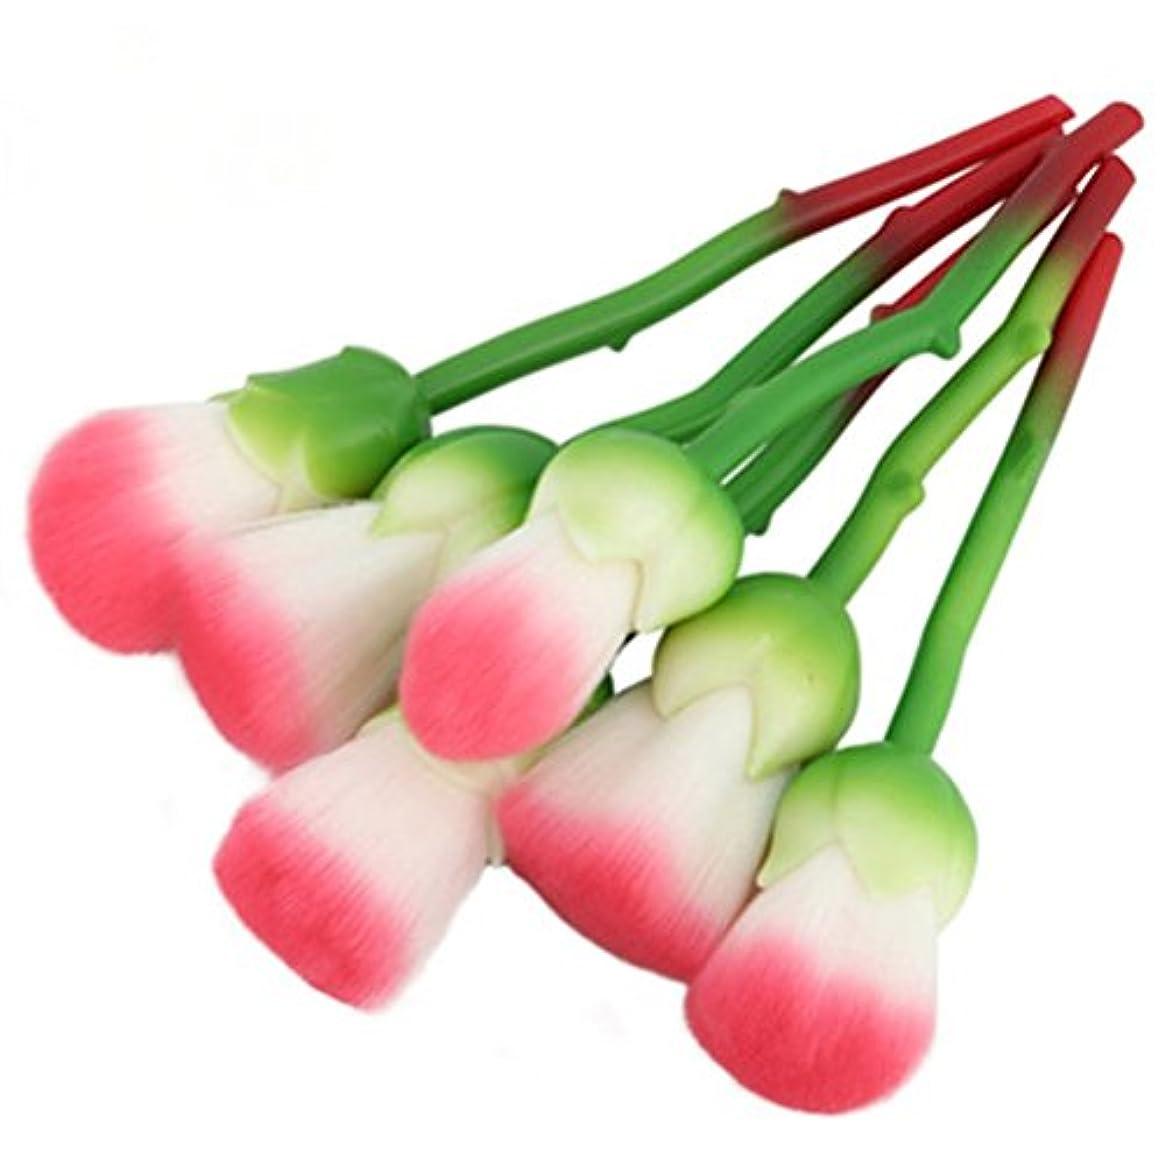 が欲しい平凡シフトディラビューティー(Dilla Beauty) メイクブラシ 薔薇 メイクブラシセット 人気 ファンデーションブラシ 化粧筆 可愛い 化粧ブラシ セット パウダーブラシ フェイスブラシ ローズ メイクブラシ 6本セット ケース付き (グリーン)